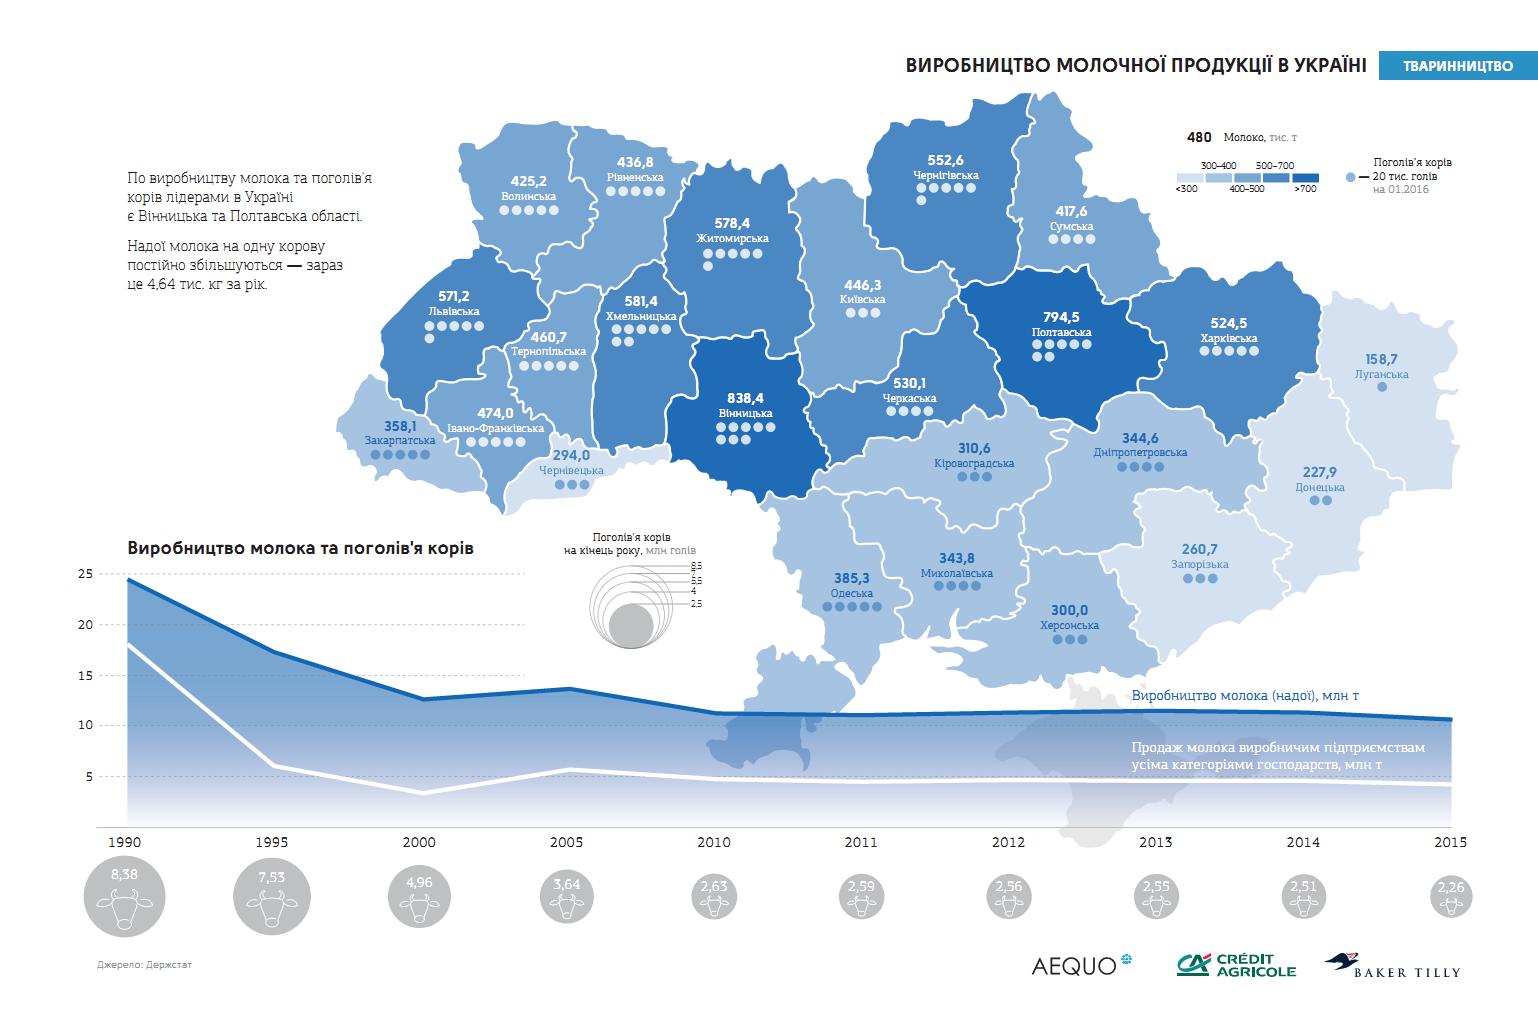 Производство молочной продукции в Украине в 2015 г.